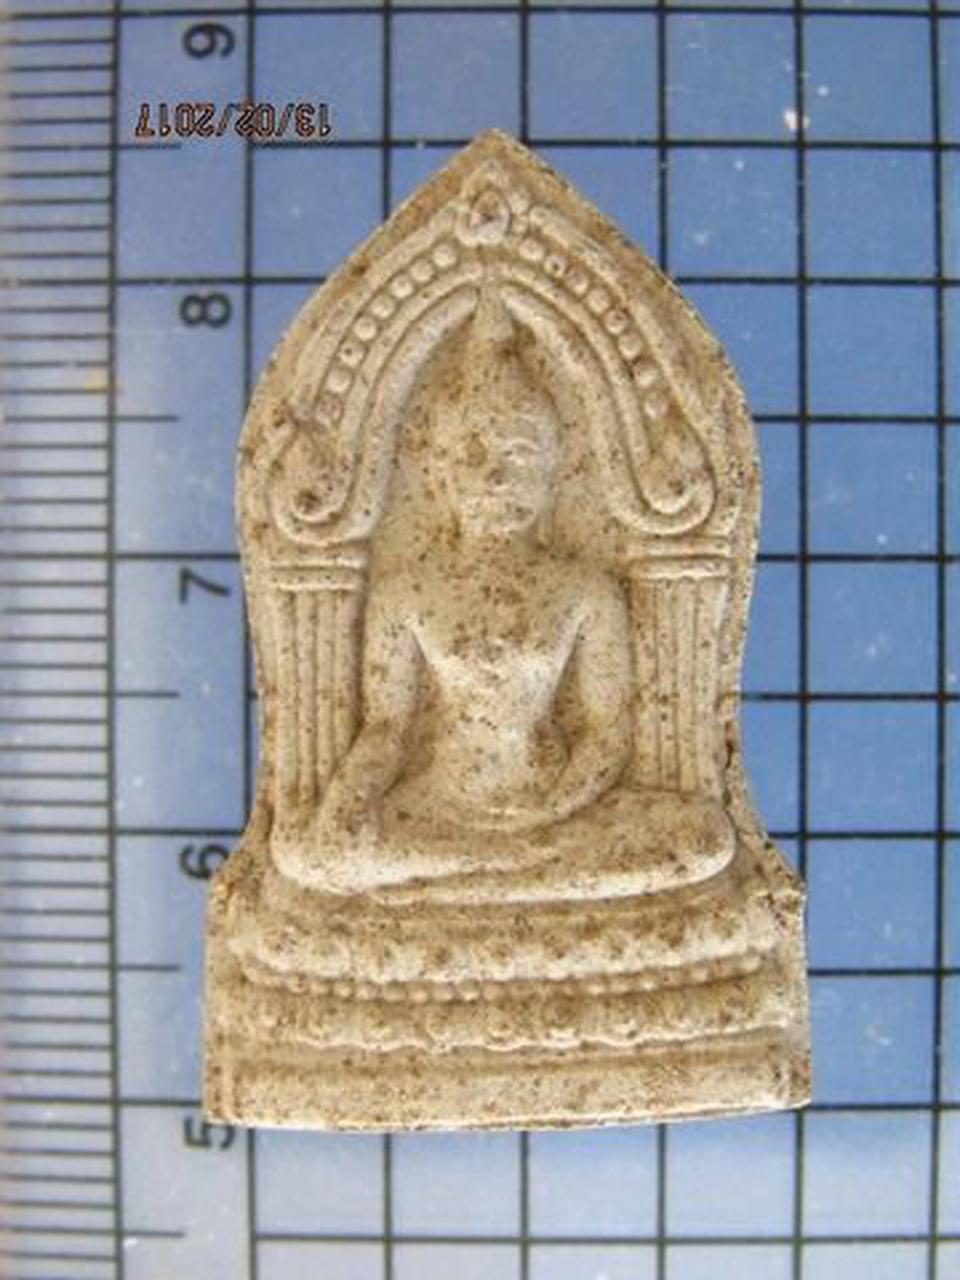 4251 พระพุทธชินราชใบเสมาเนื้อผง รุ่นปิดทอง วัดใหญ่ ปี 47 พิษ รูปที่ 3